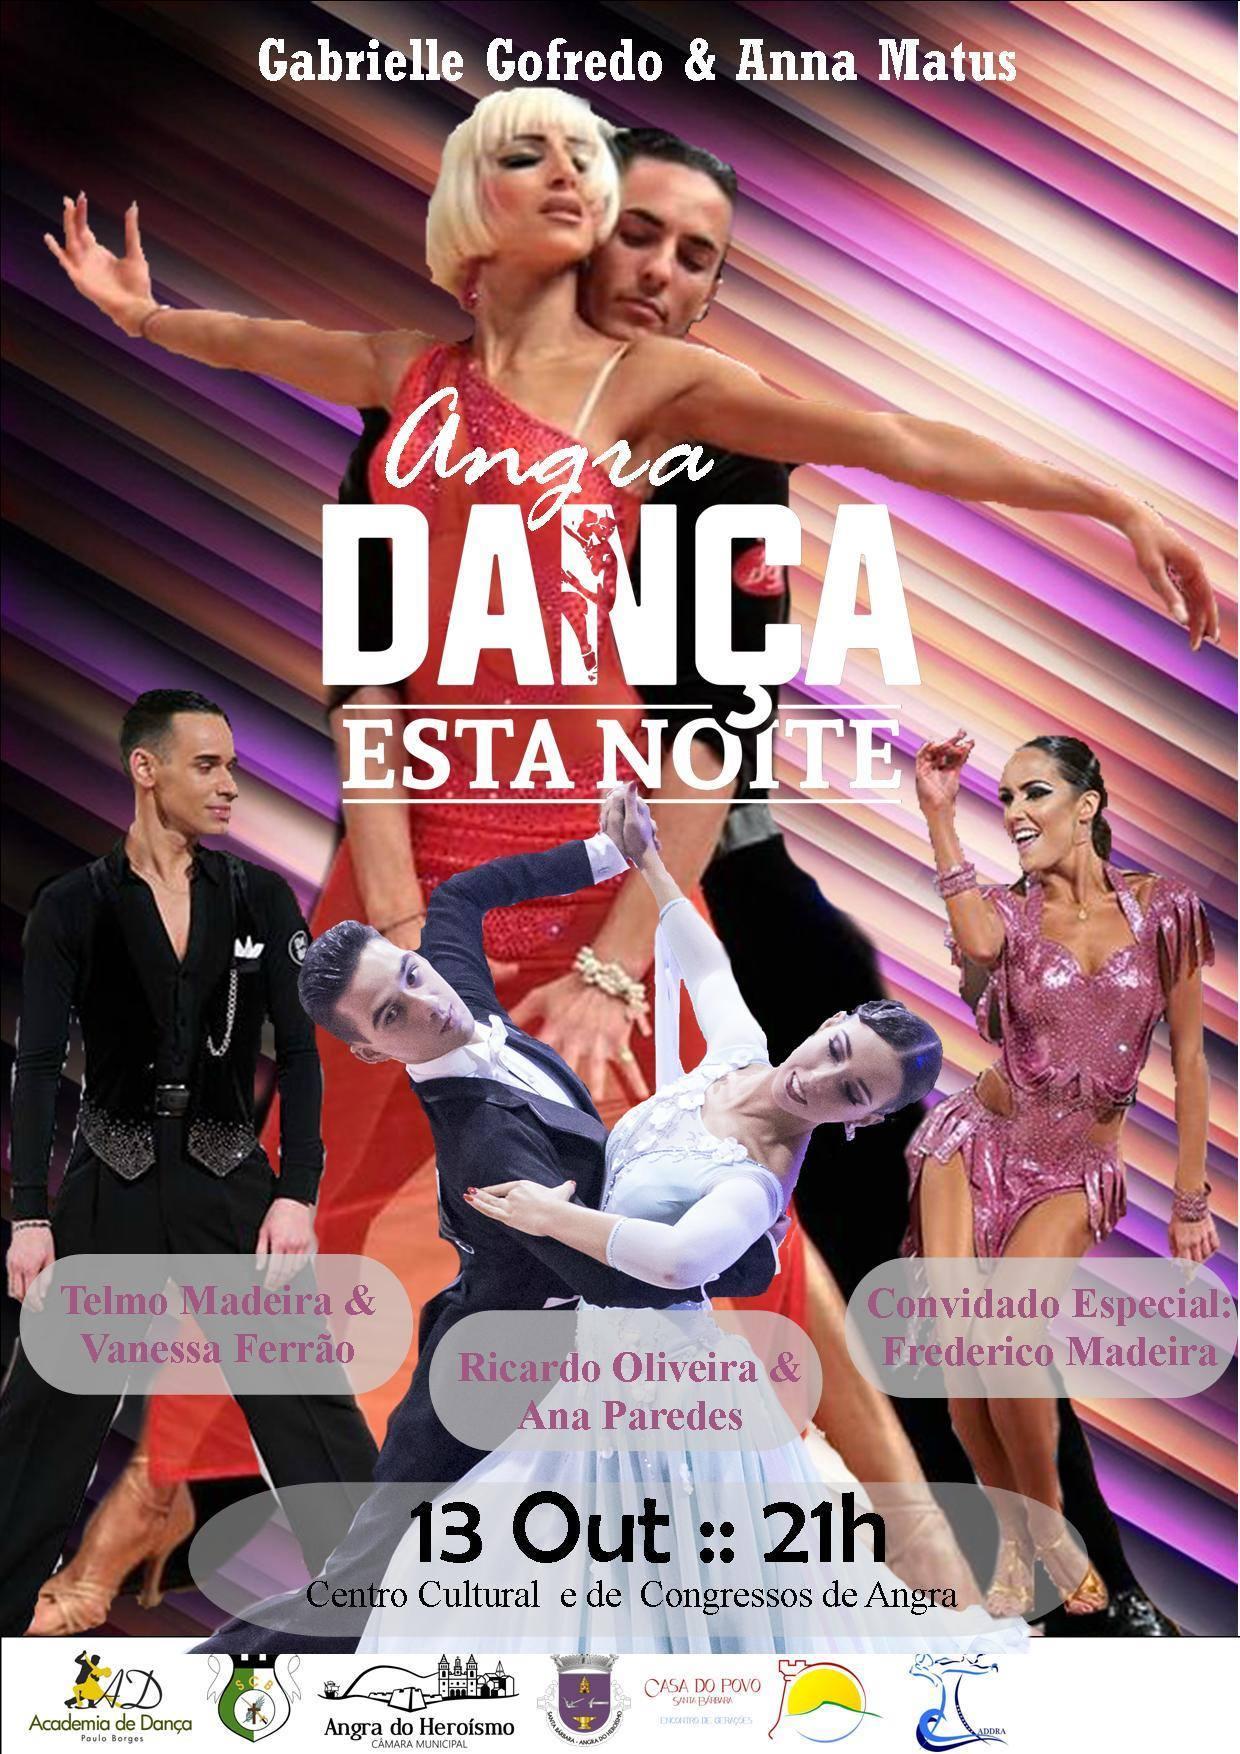 Angra Dança Esta Noite 2018